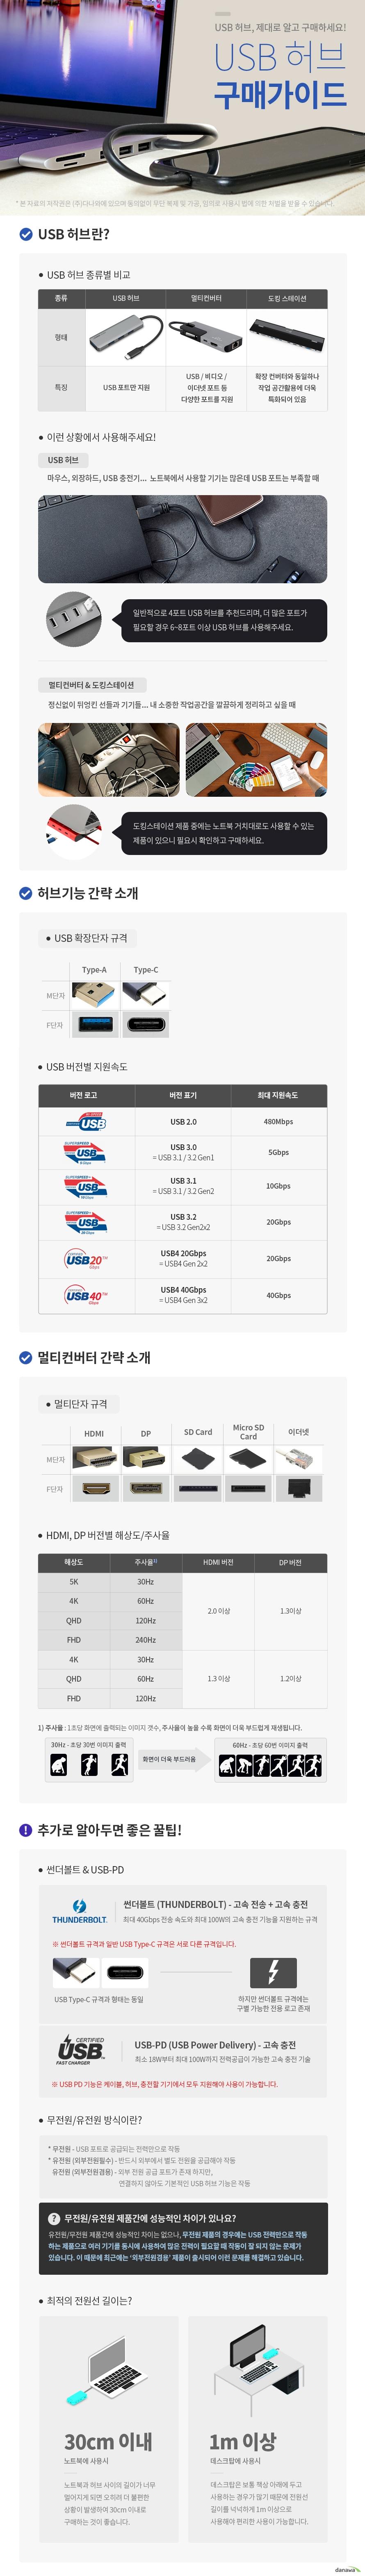 대진씨앤엠 DJH-3401 (4포트/USB 3.0)